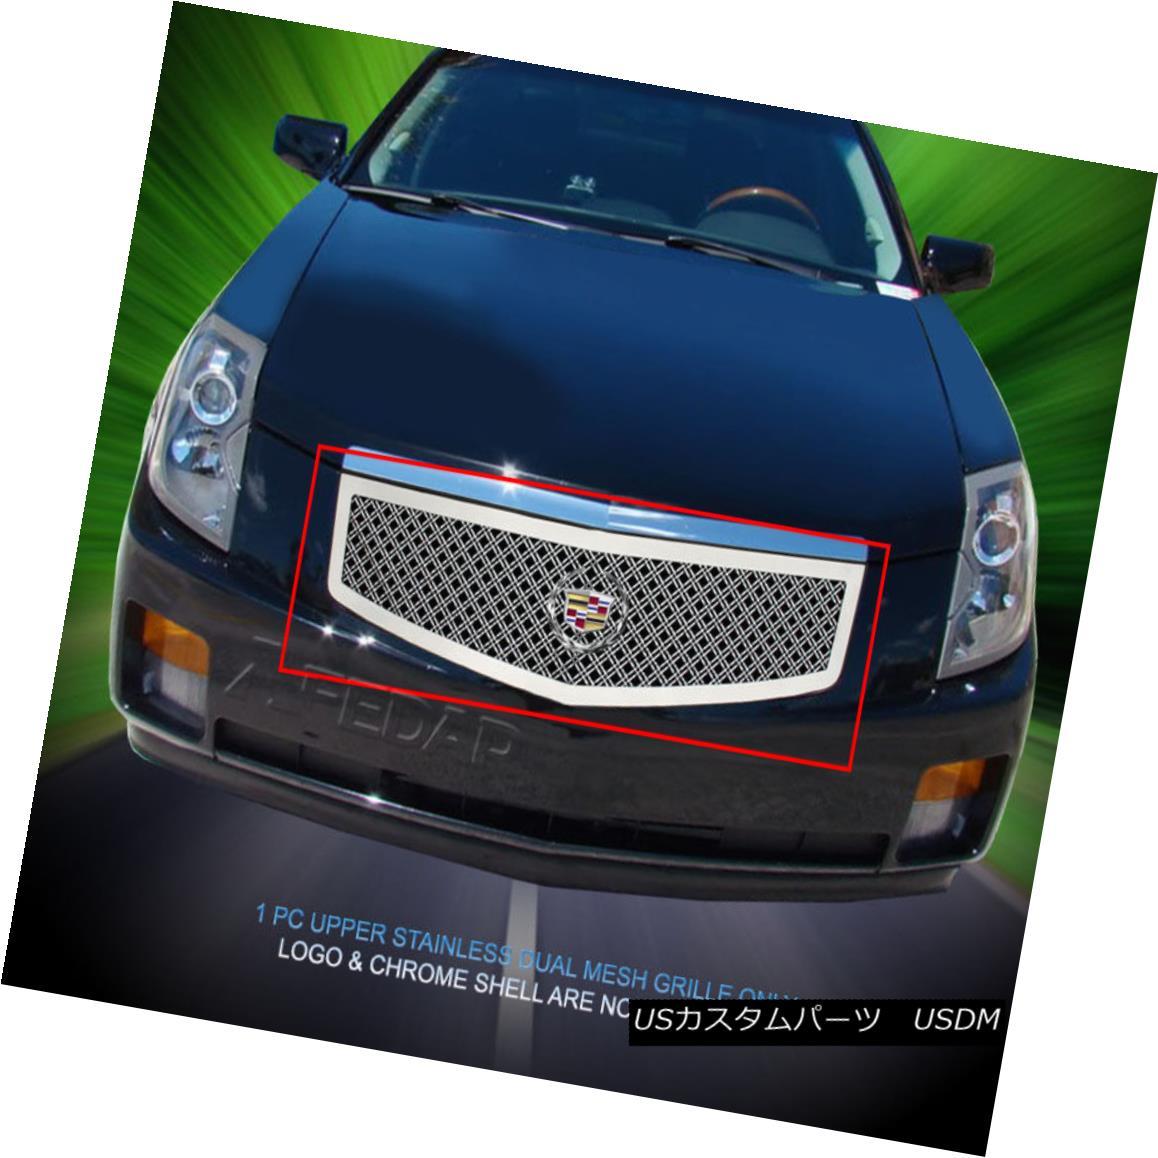 グリル 03-07 Cadillac CTS Stainless Steel Dual Mesh Grille Grill Insert Fedar 03-07キャデラックCTSステンレススチールデュアルメッシュグリルグリルインサートフェルダ